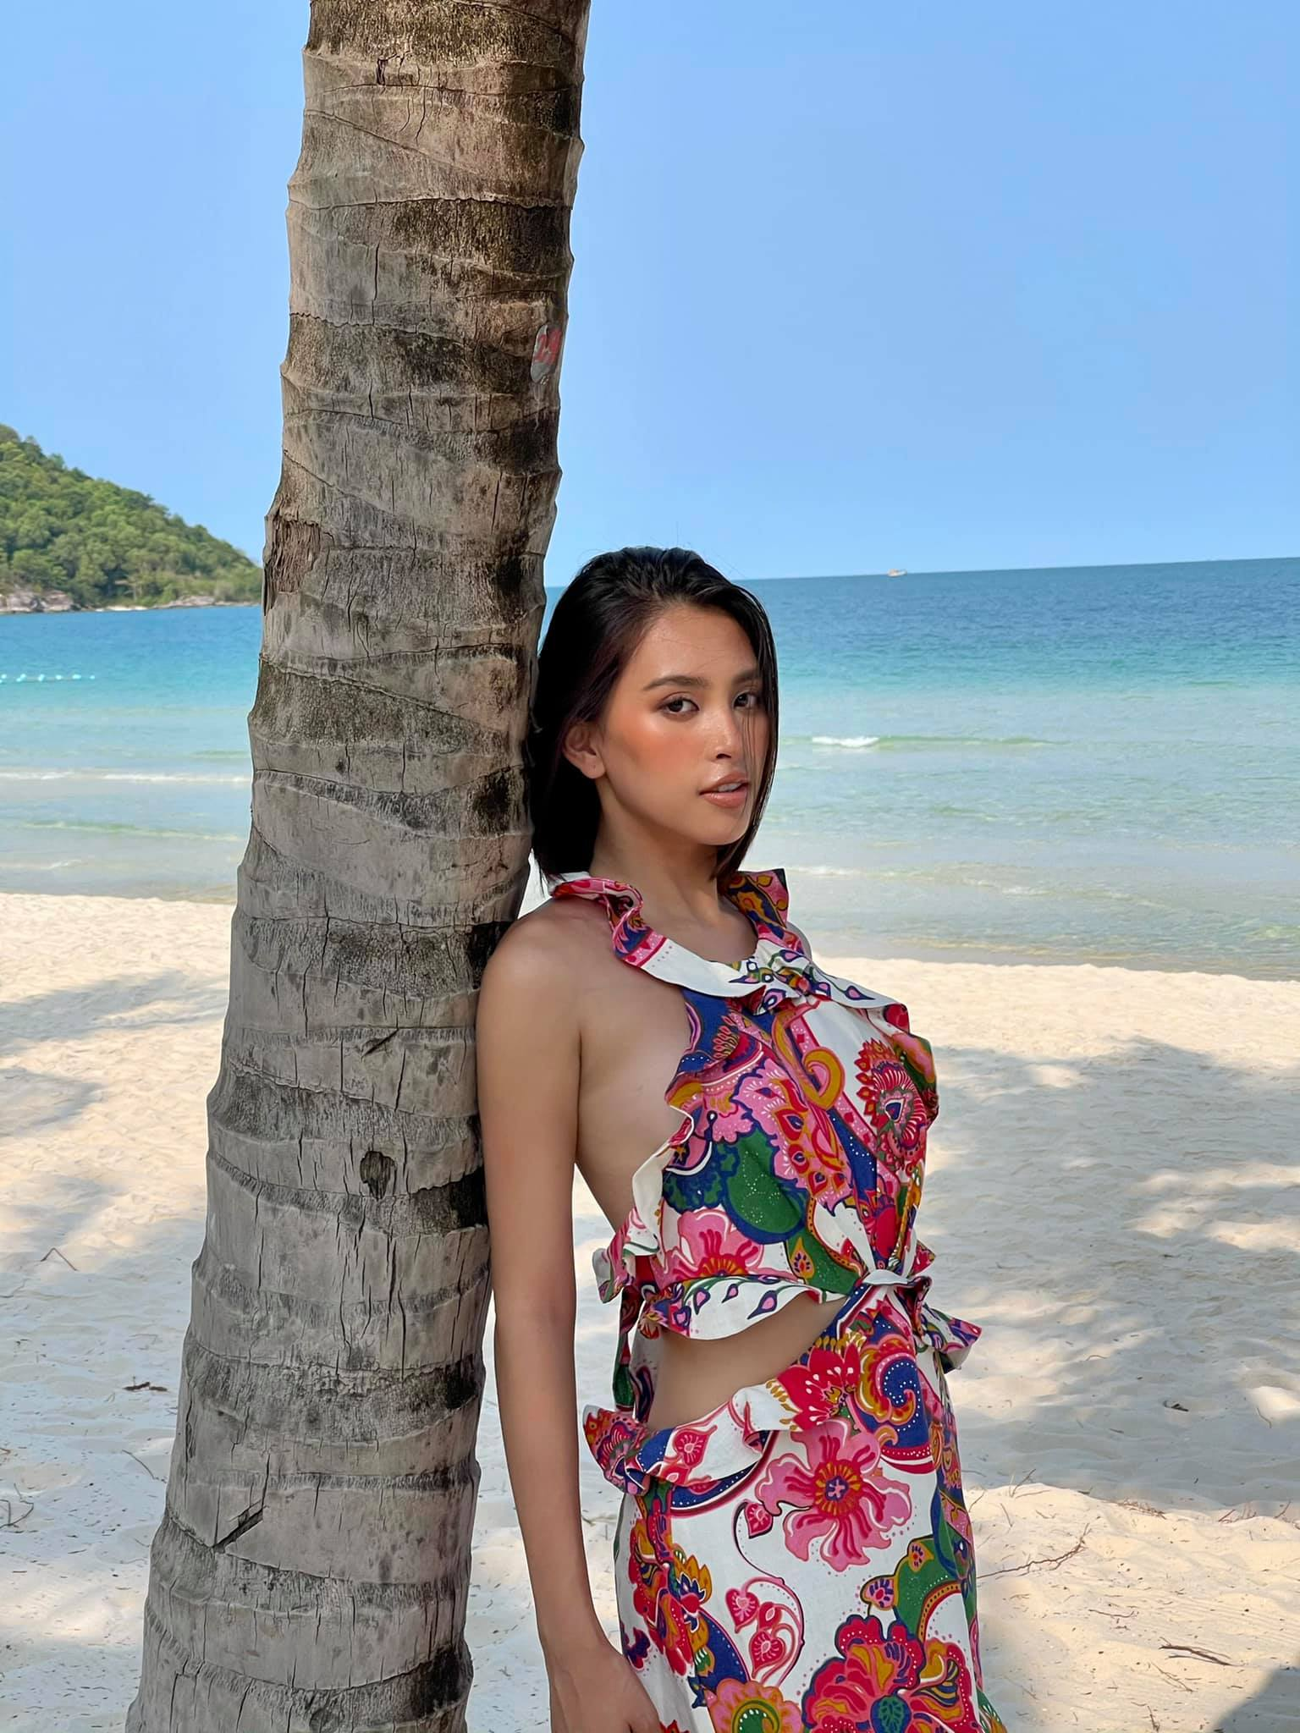 Đỗ Thị Hà đẹp lộng lẫy trong buổi chụp hình mới, Tiểu Vy khoe lưng trần sexy trước biển ảnh 5